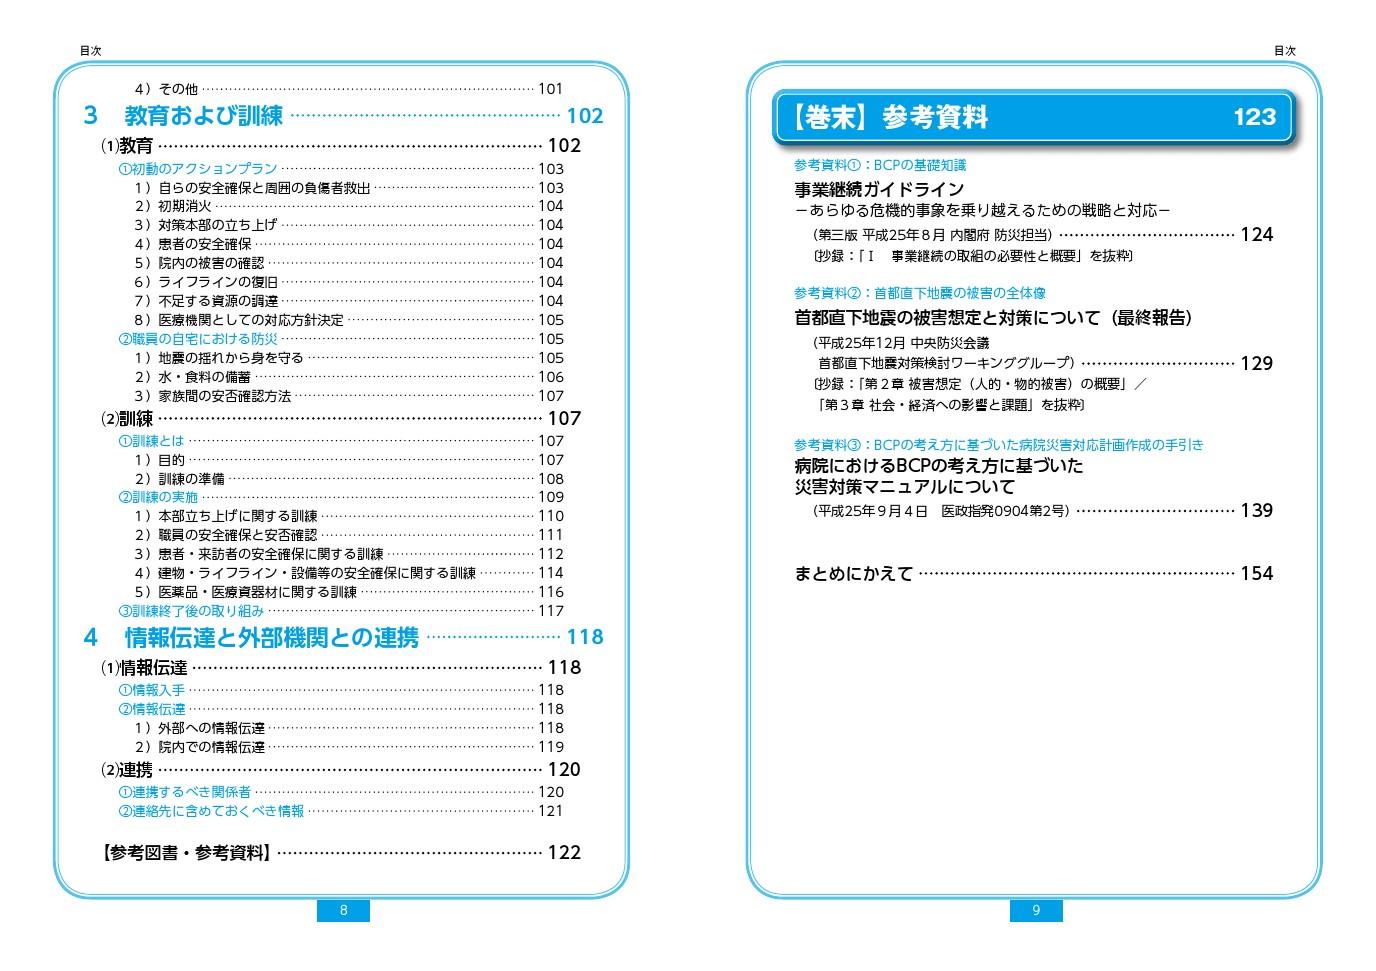 中小医療機関のための BCP策定マニュアル